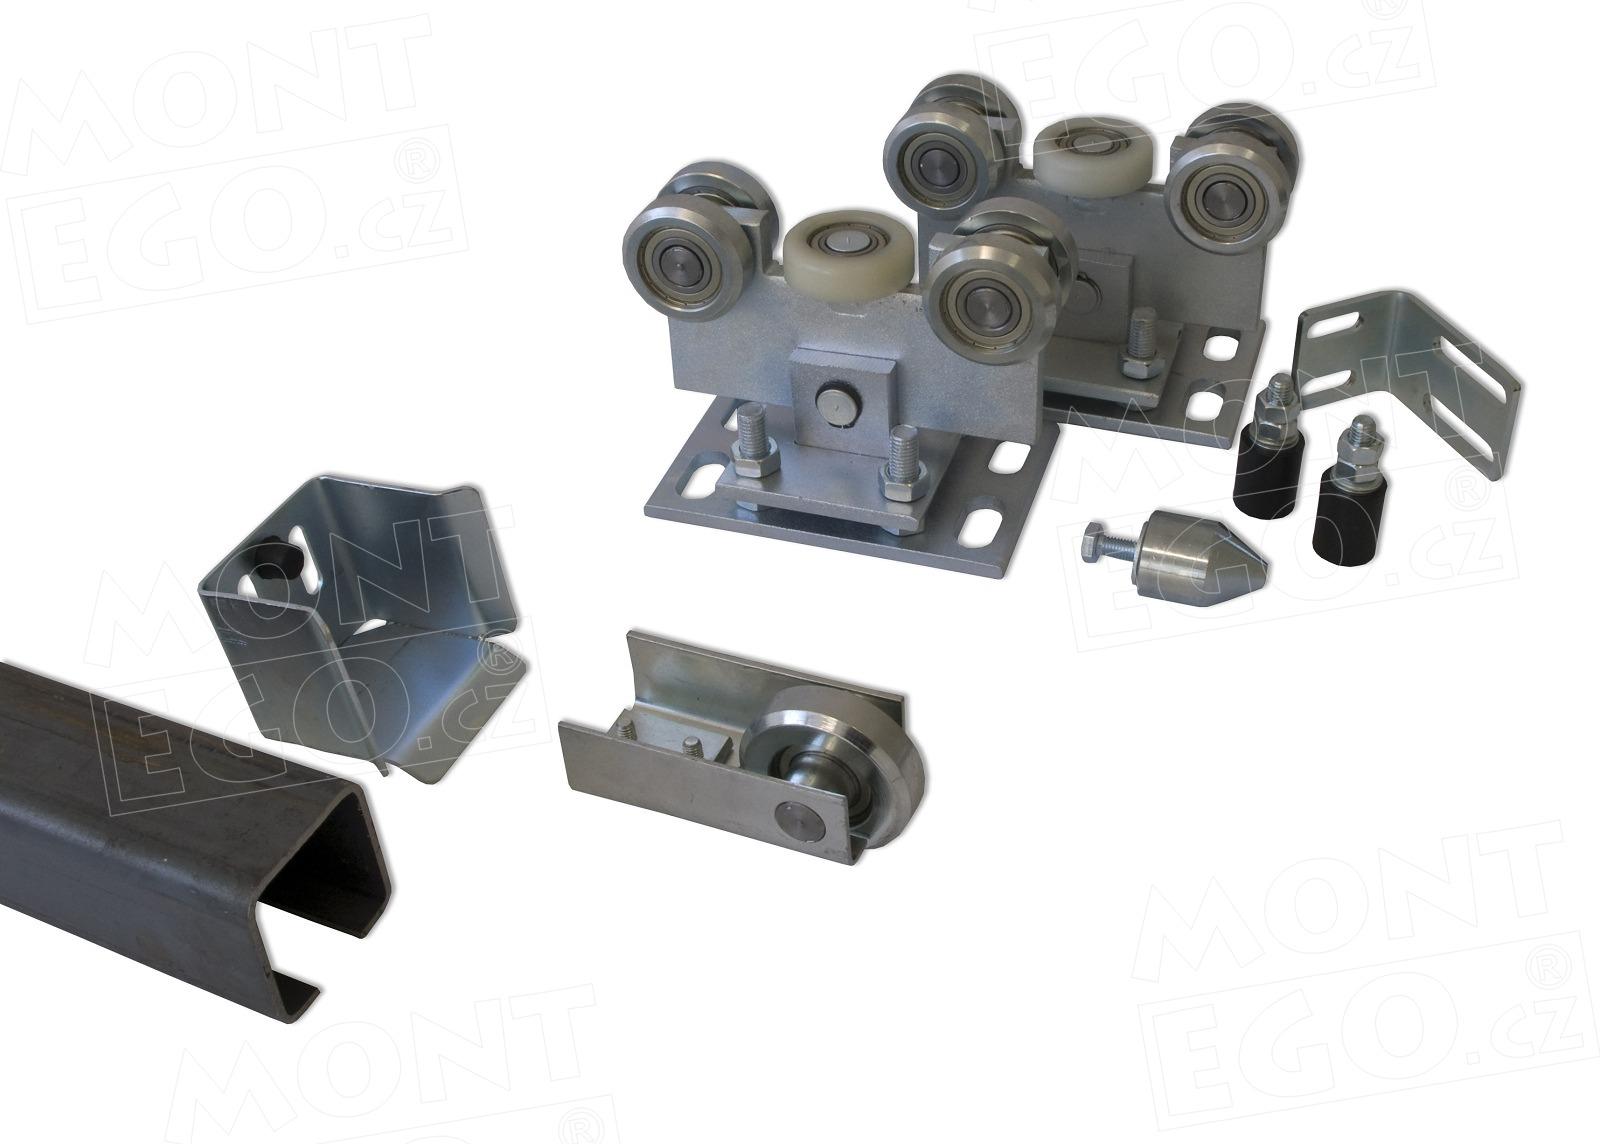 SK70.44 sada komponentů pro posuvnou samonosnou bránu + Doprava zdarma!